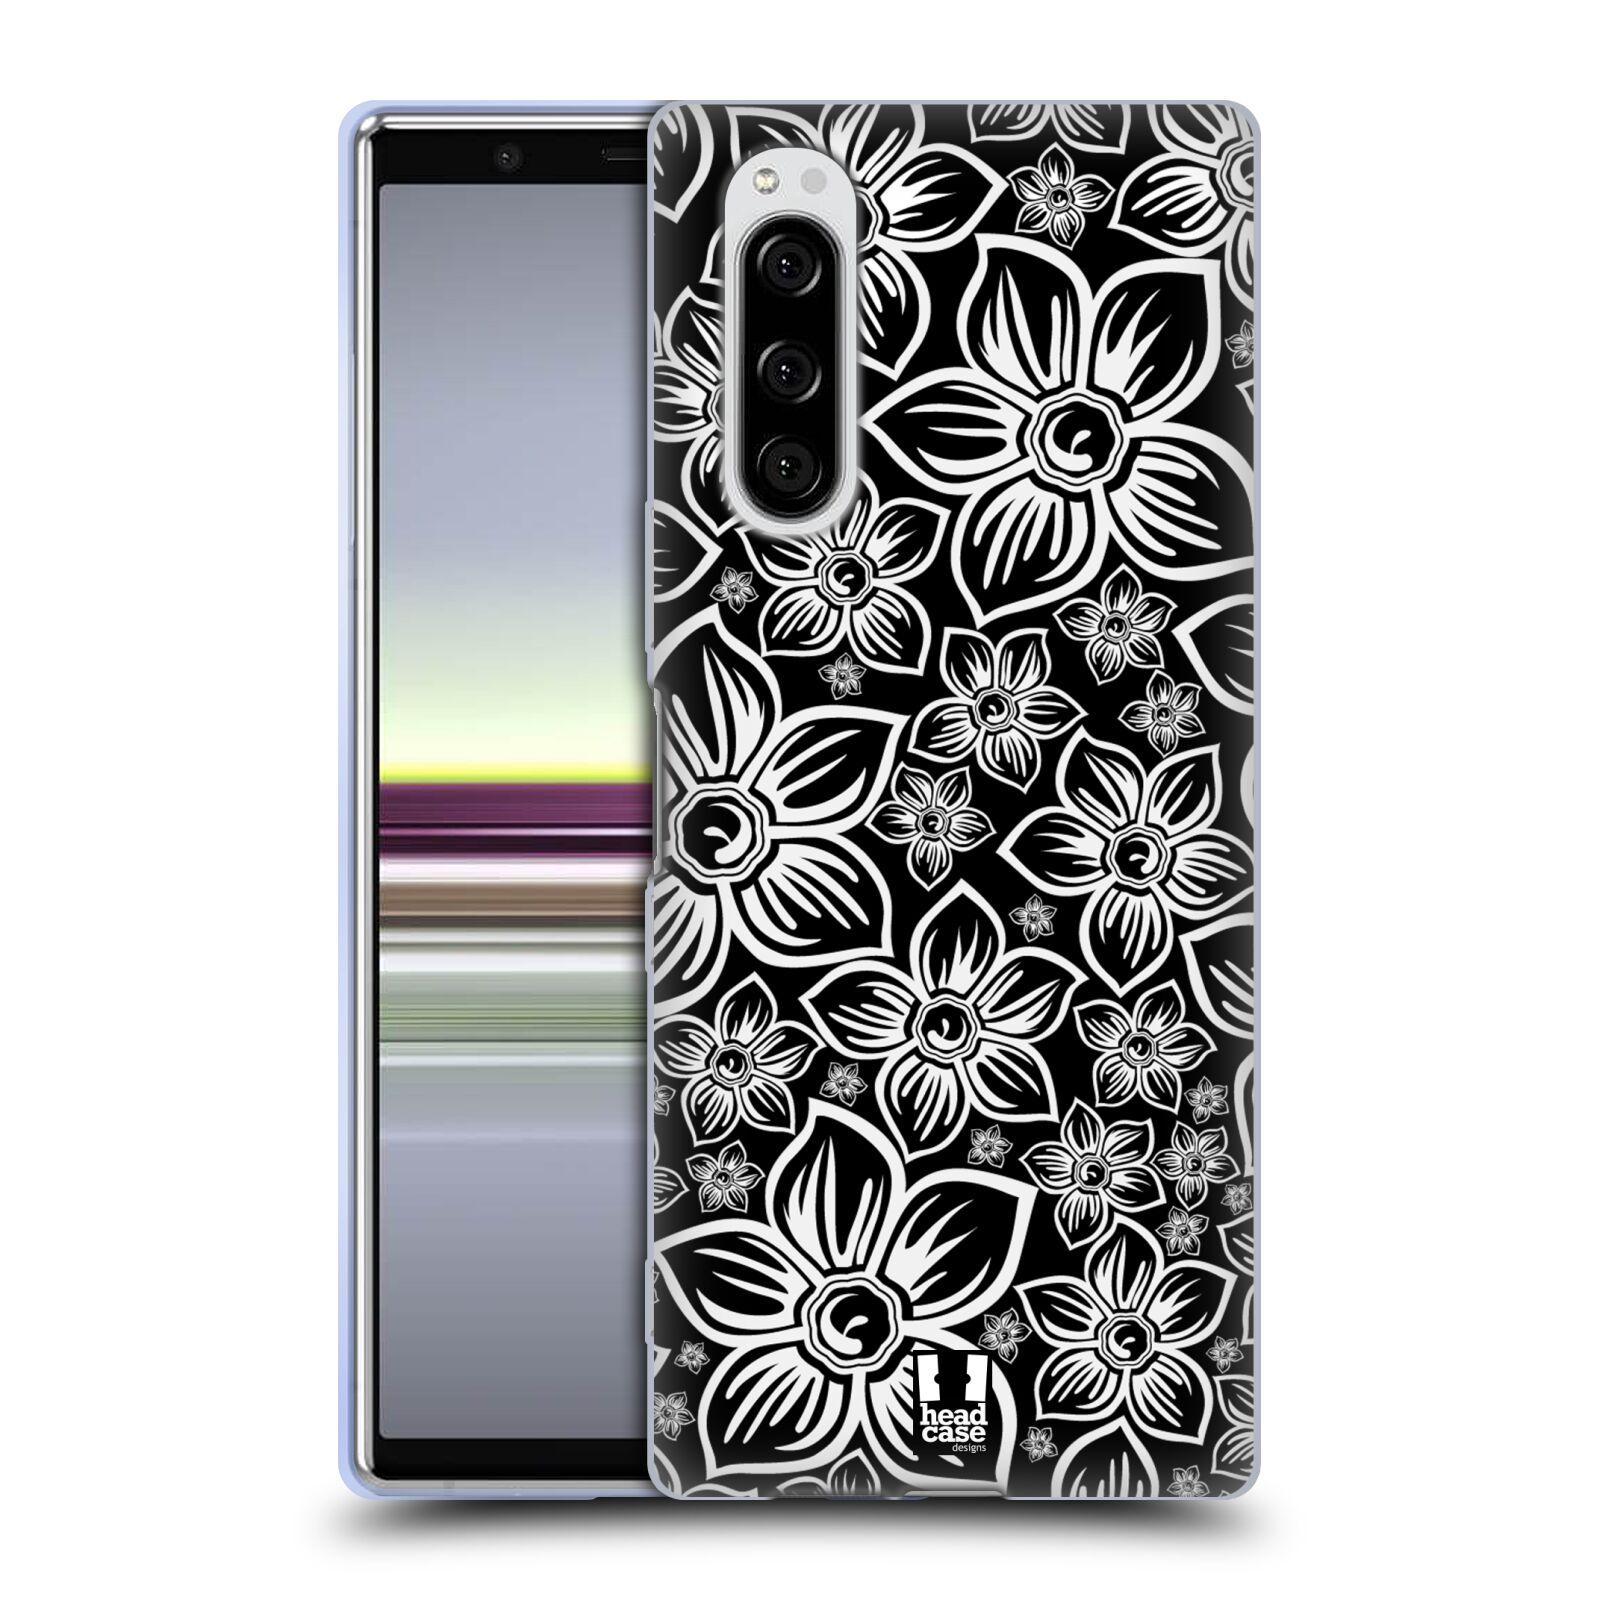 Silikonové pouzdro na mobil Sony Xperia 5 - Head Case - FLORAL DAISY